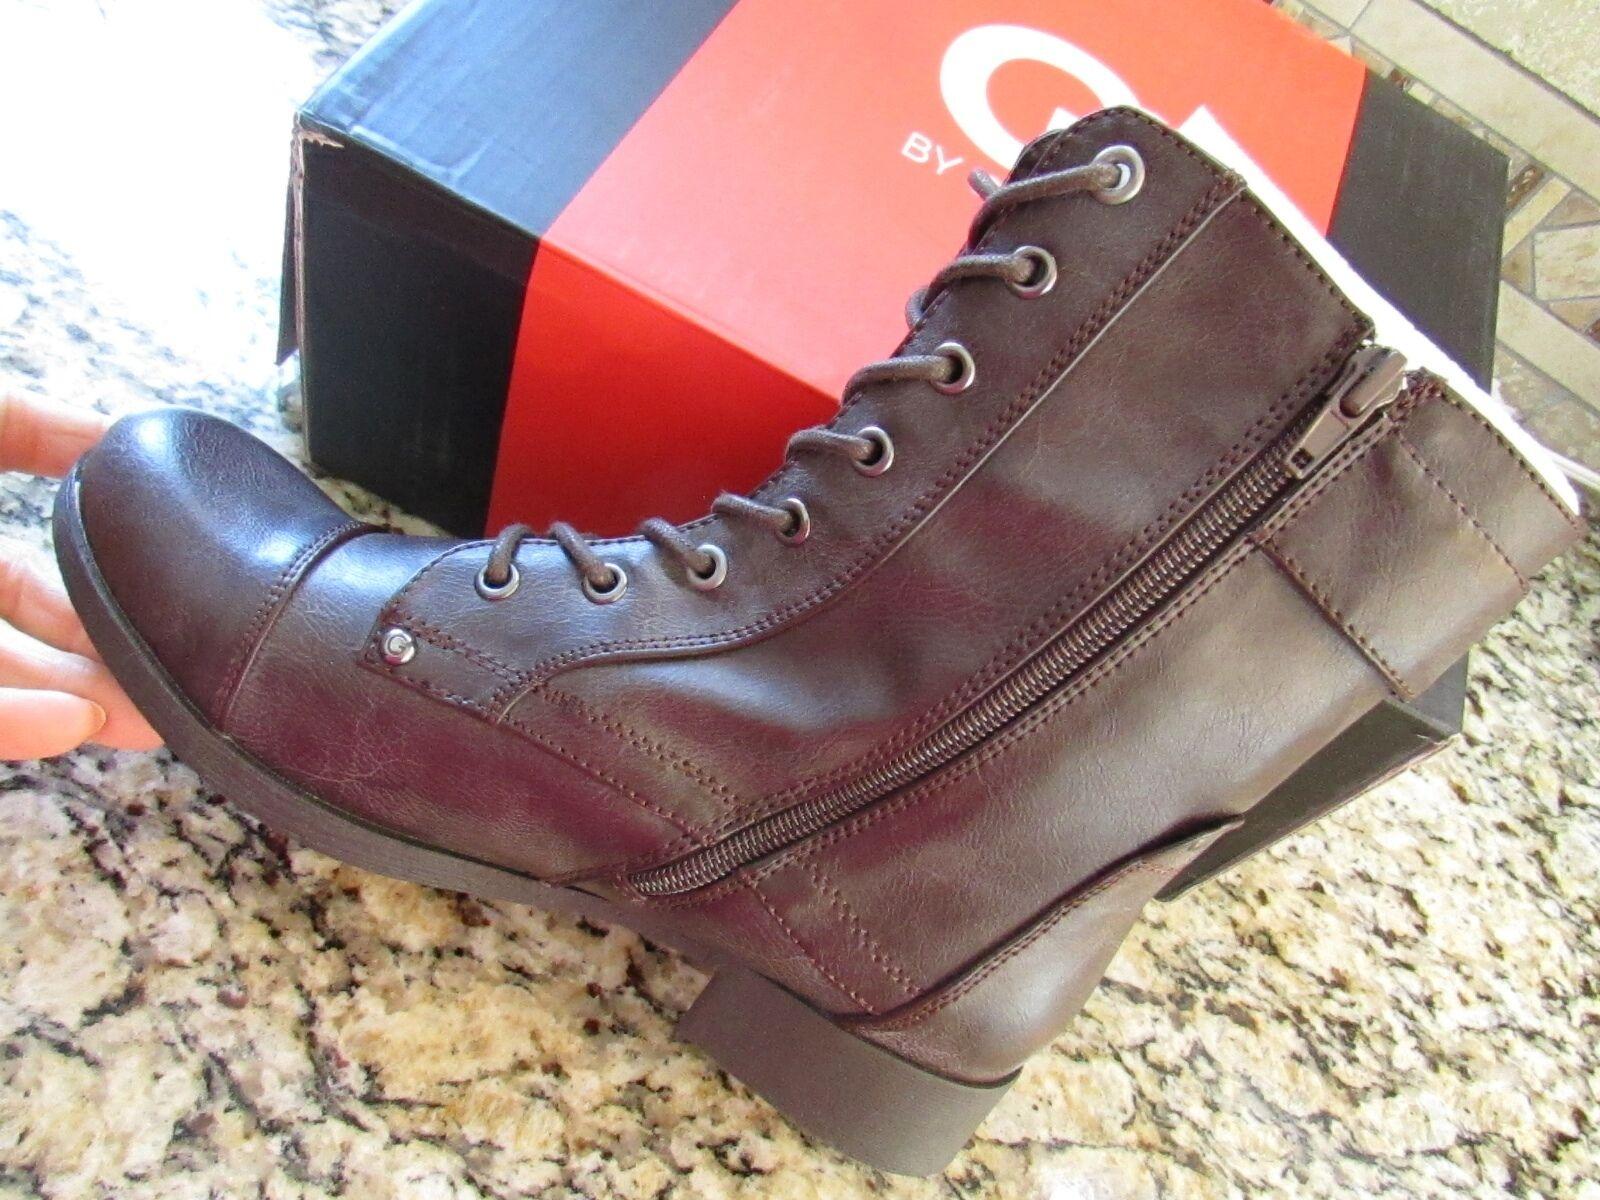 Nuevo Guess brryan marrón Tobillo Tobillo Tobillo Botines botas De Cuero Para Mujer 7.5 libre Envío Gratis  100% precio garantizado